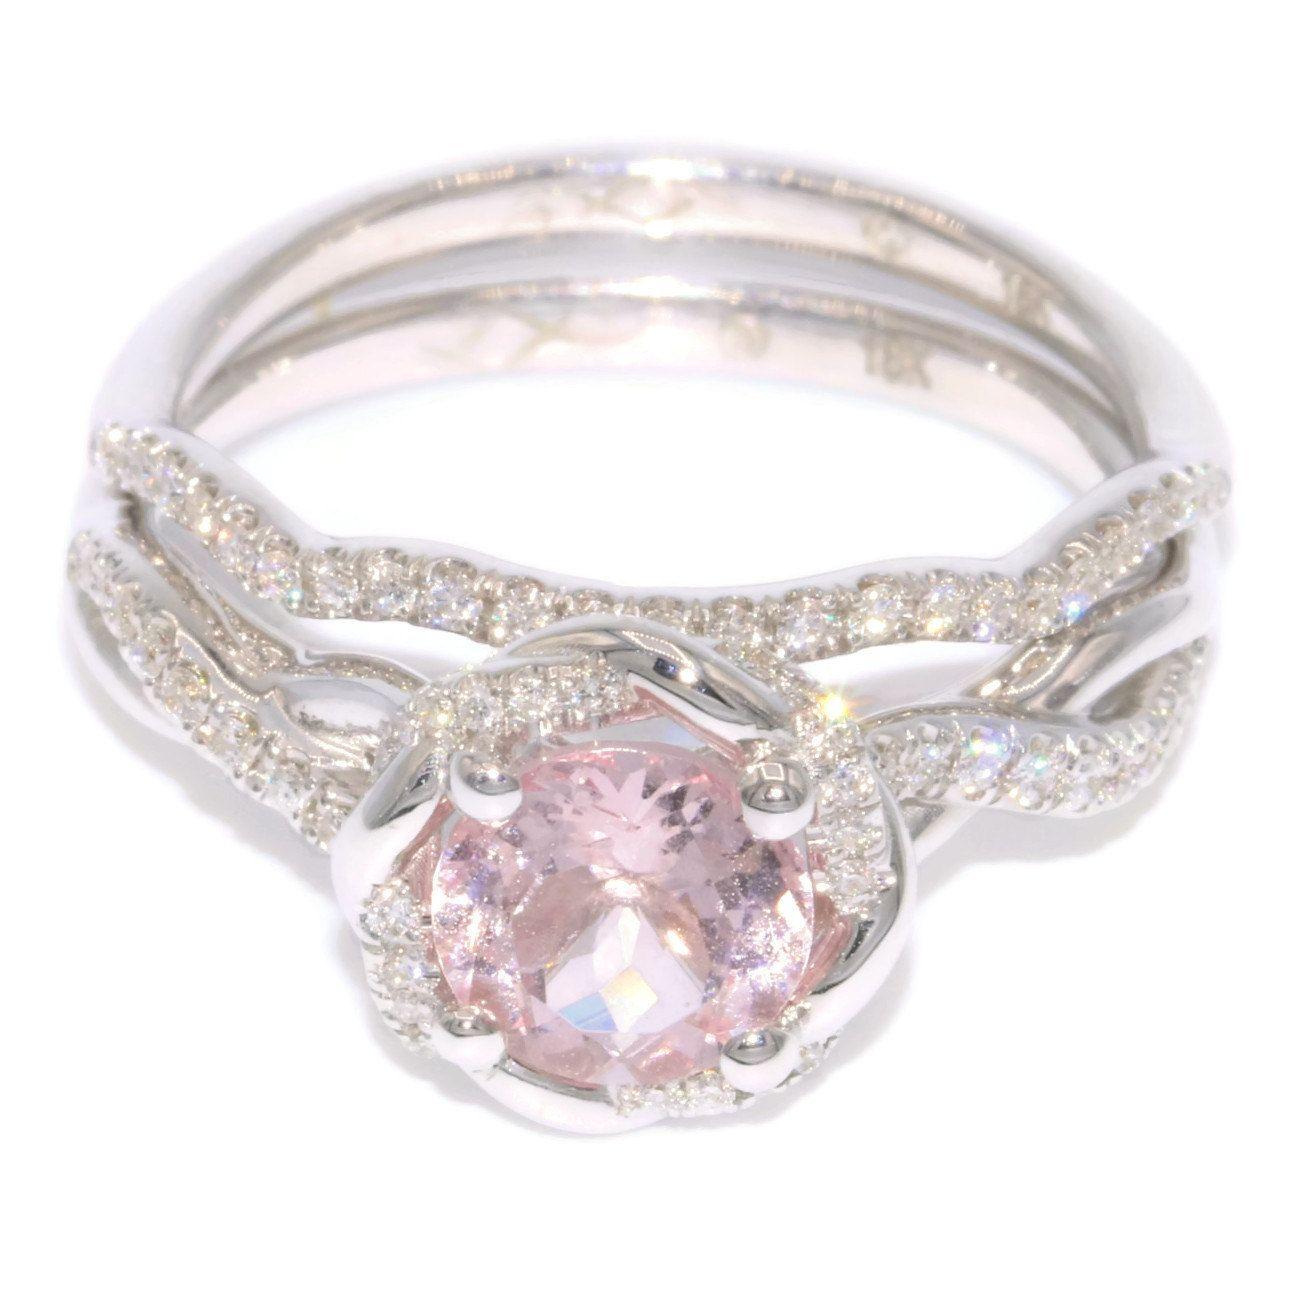 Engagement Ring Set, Braided Halo Wedding Ring